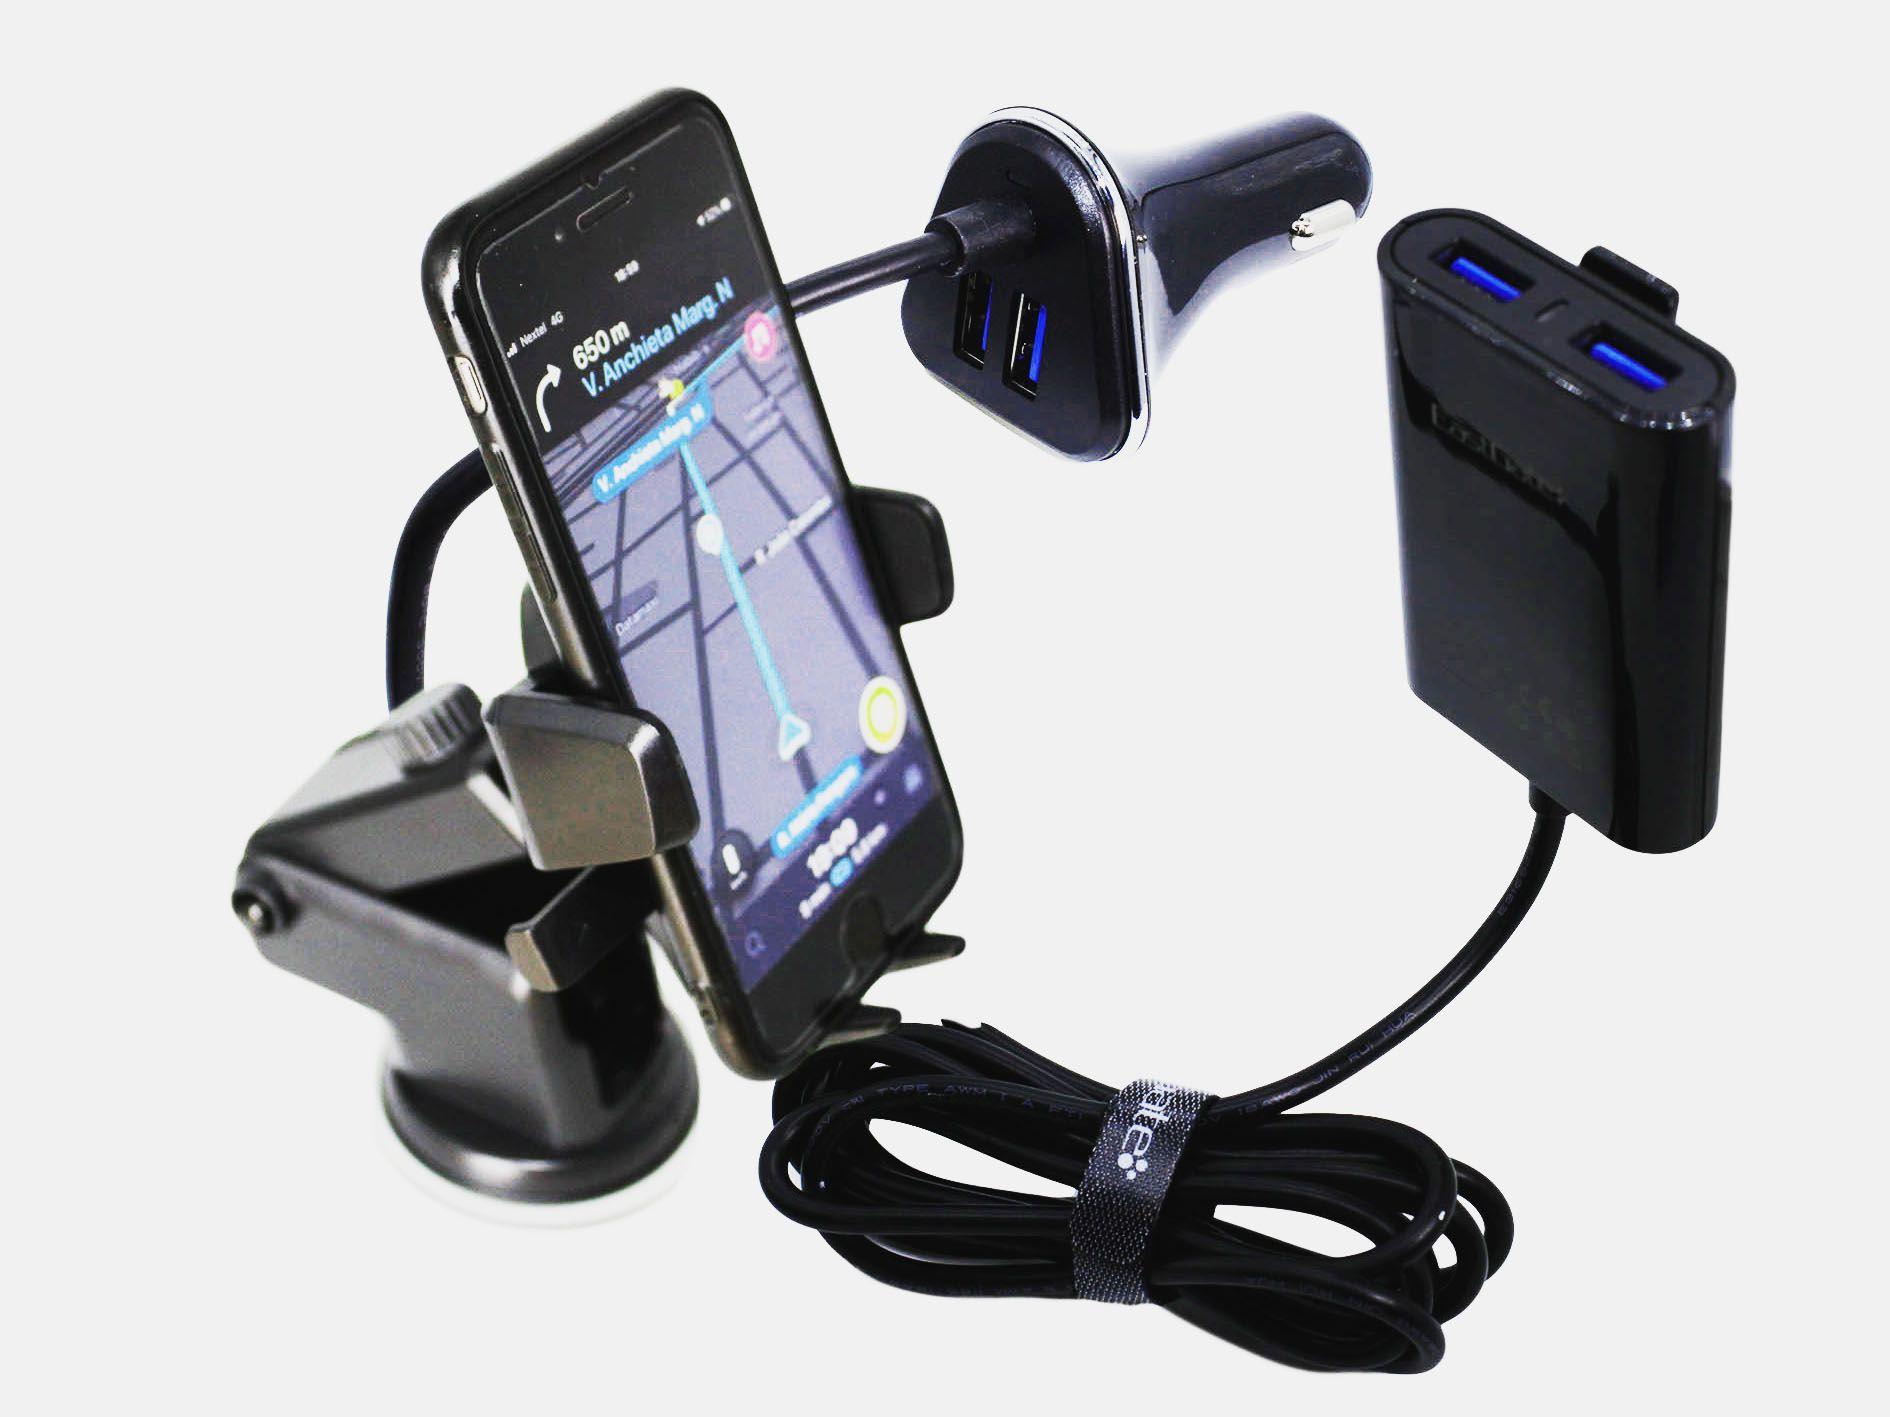 Suporte Celular Gps + Carregador 4 saídas USB Cabo 1.8Metros